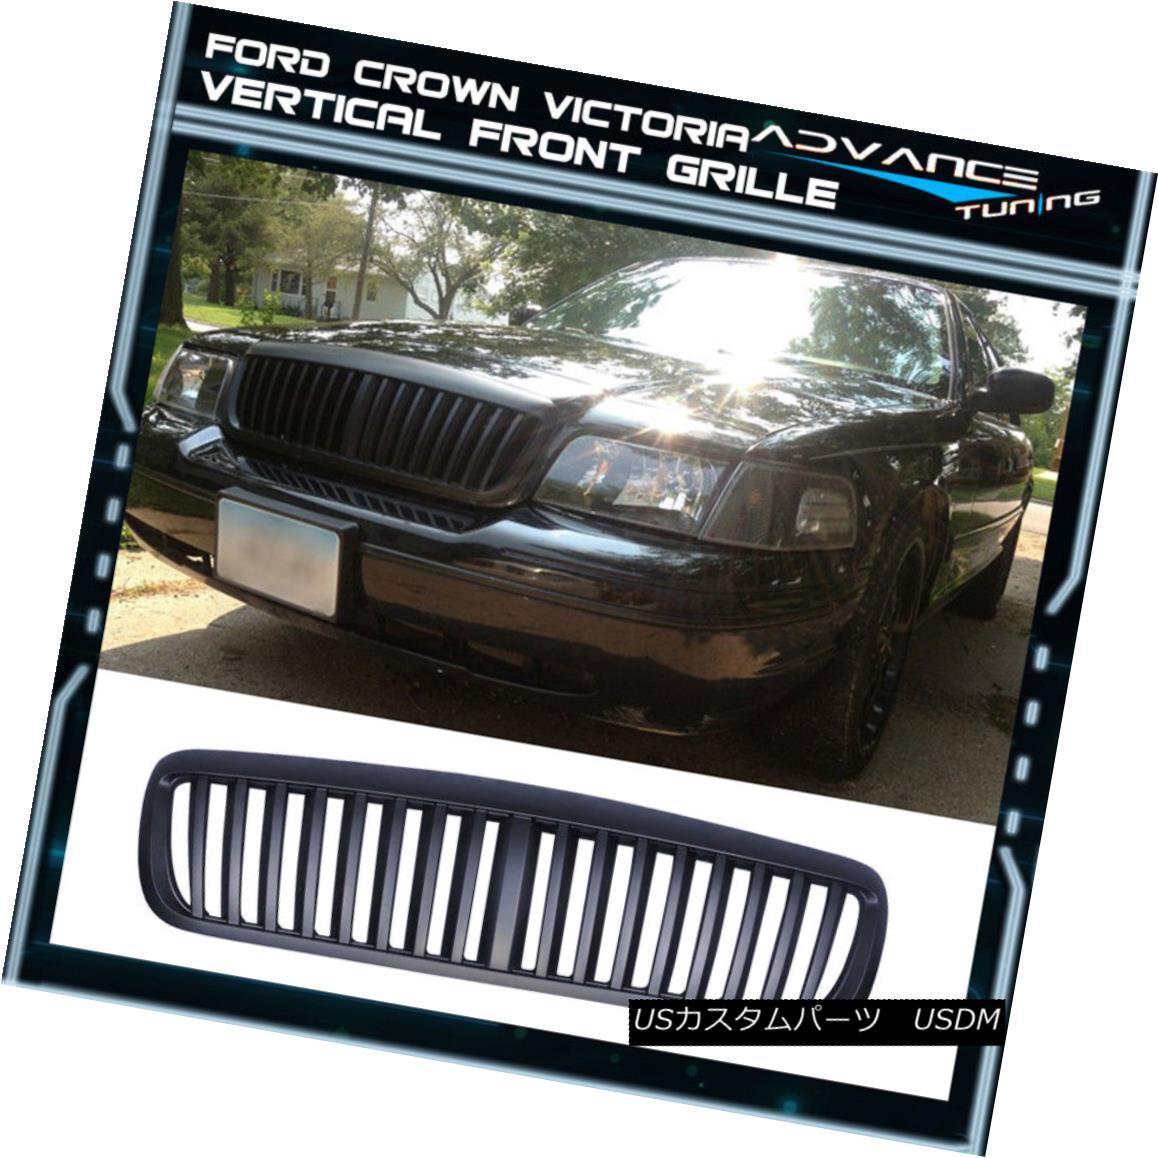 グリル For 98-11 Ford Crown Victoria Black Front Grill Grille Bumper VERTICAL 98-11フォードクラウンビクトリアブラックフロントグリルグリルバンパーVERTICAL